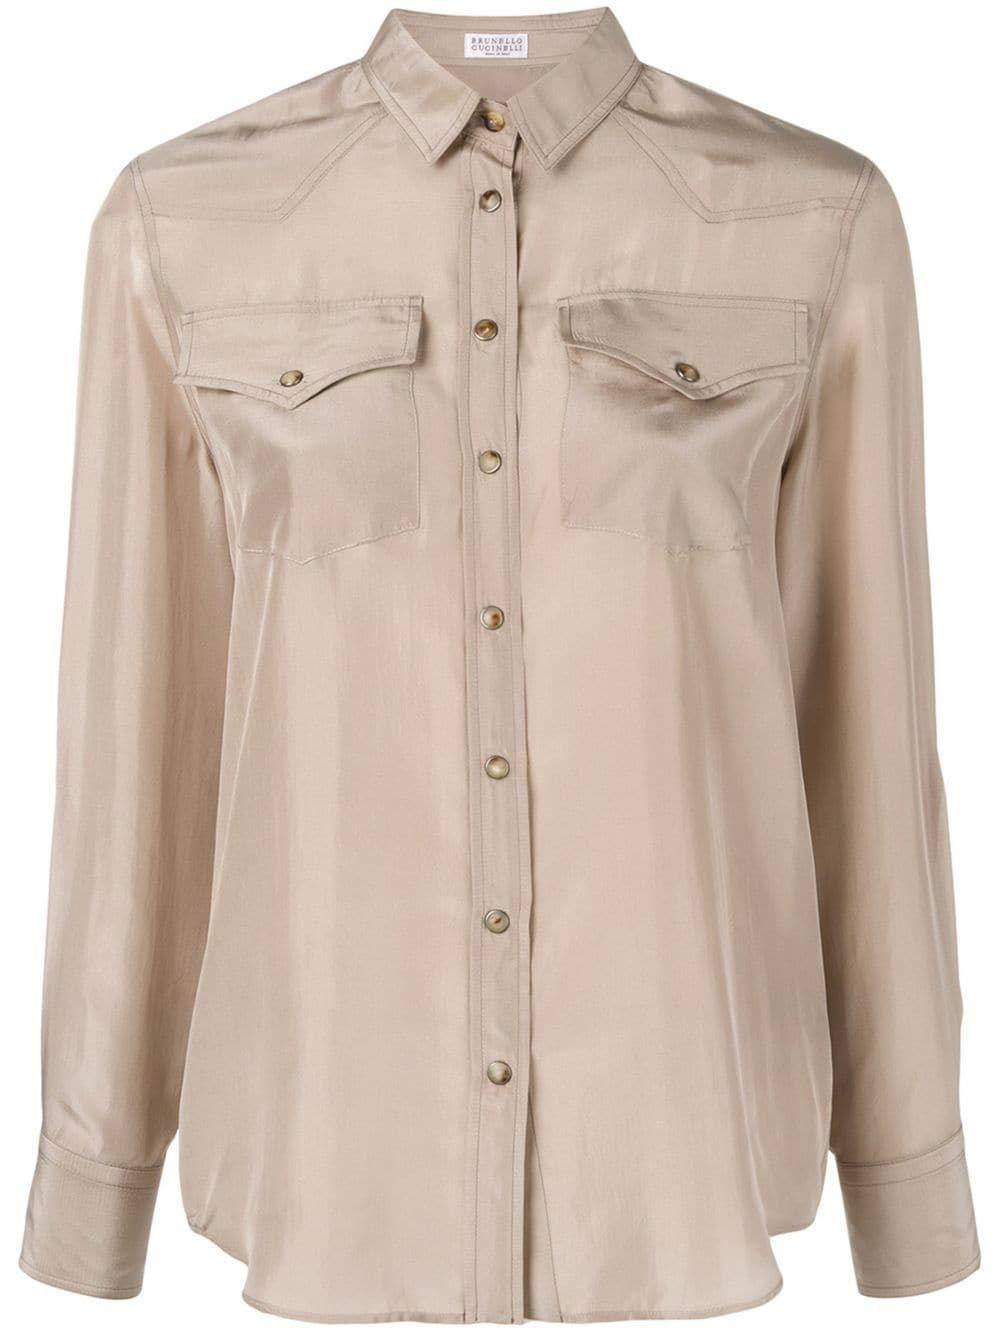 Brand Size S BRUNELLO CUCINELLI Women's MA929NT106C7333 Beige Silk Shirt